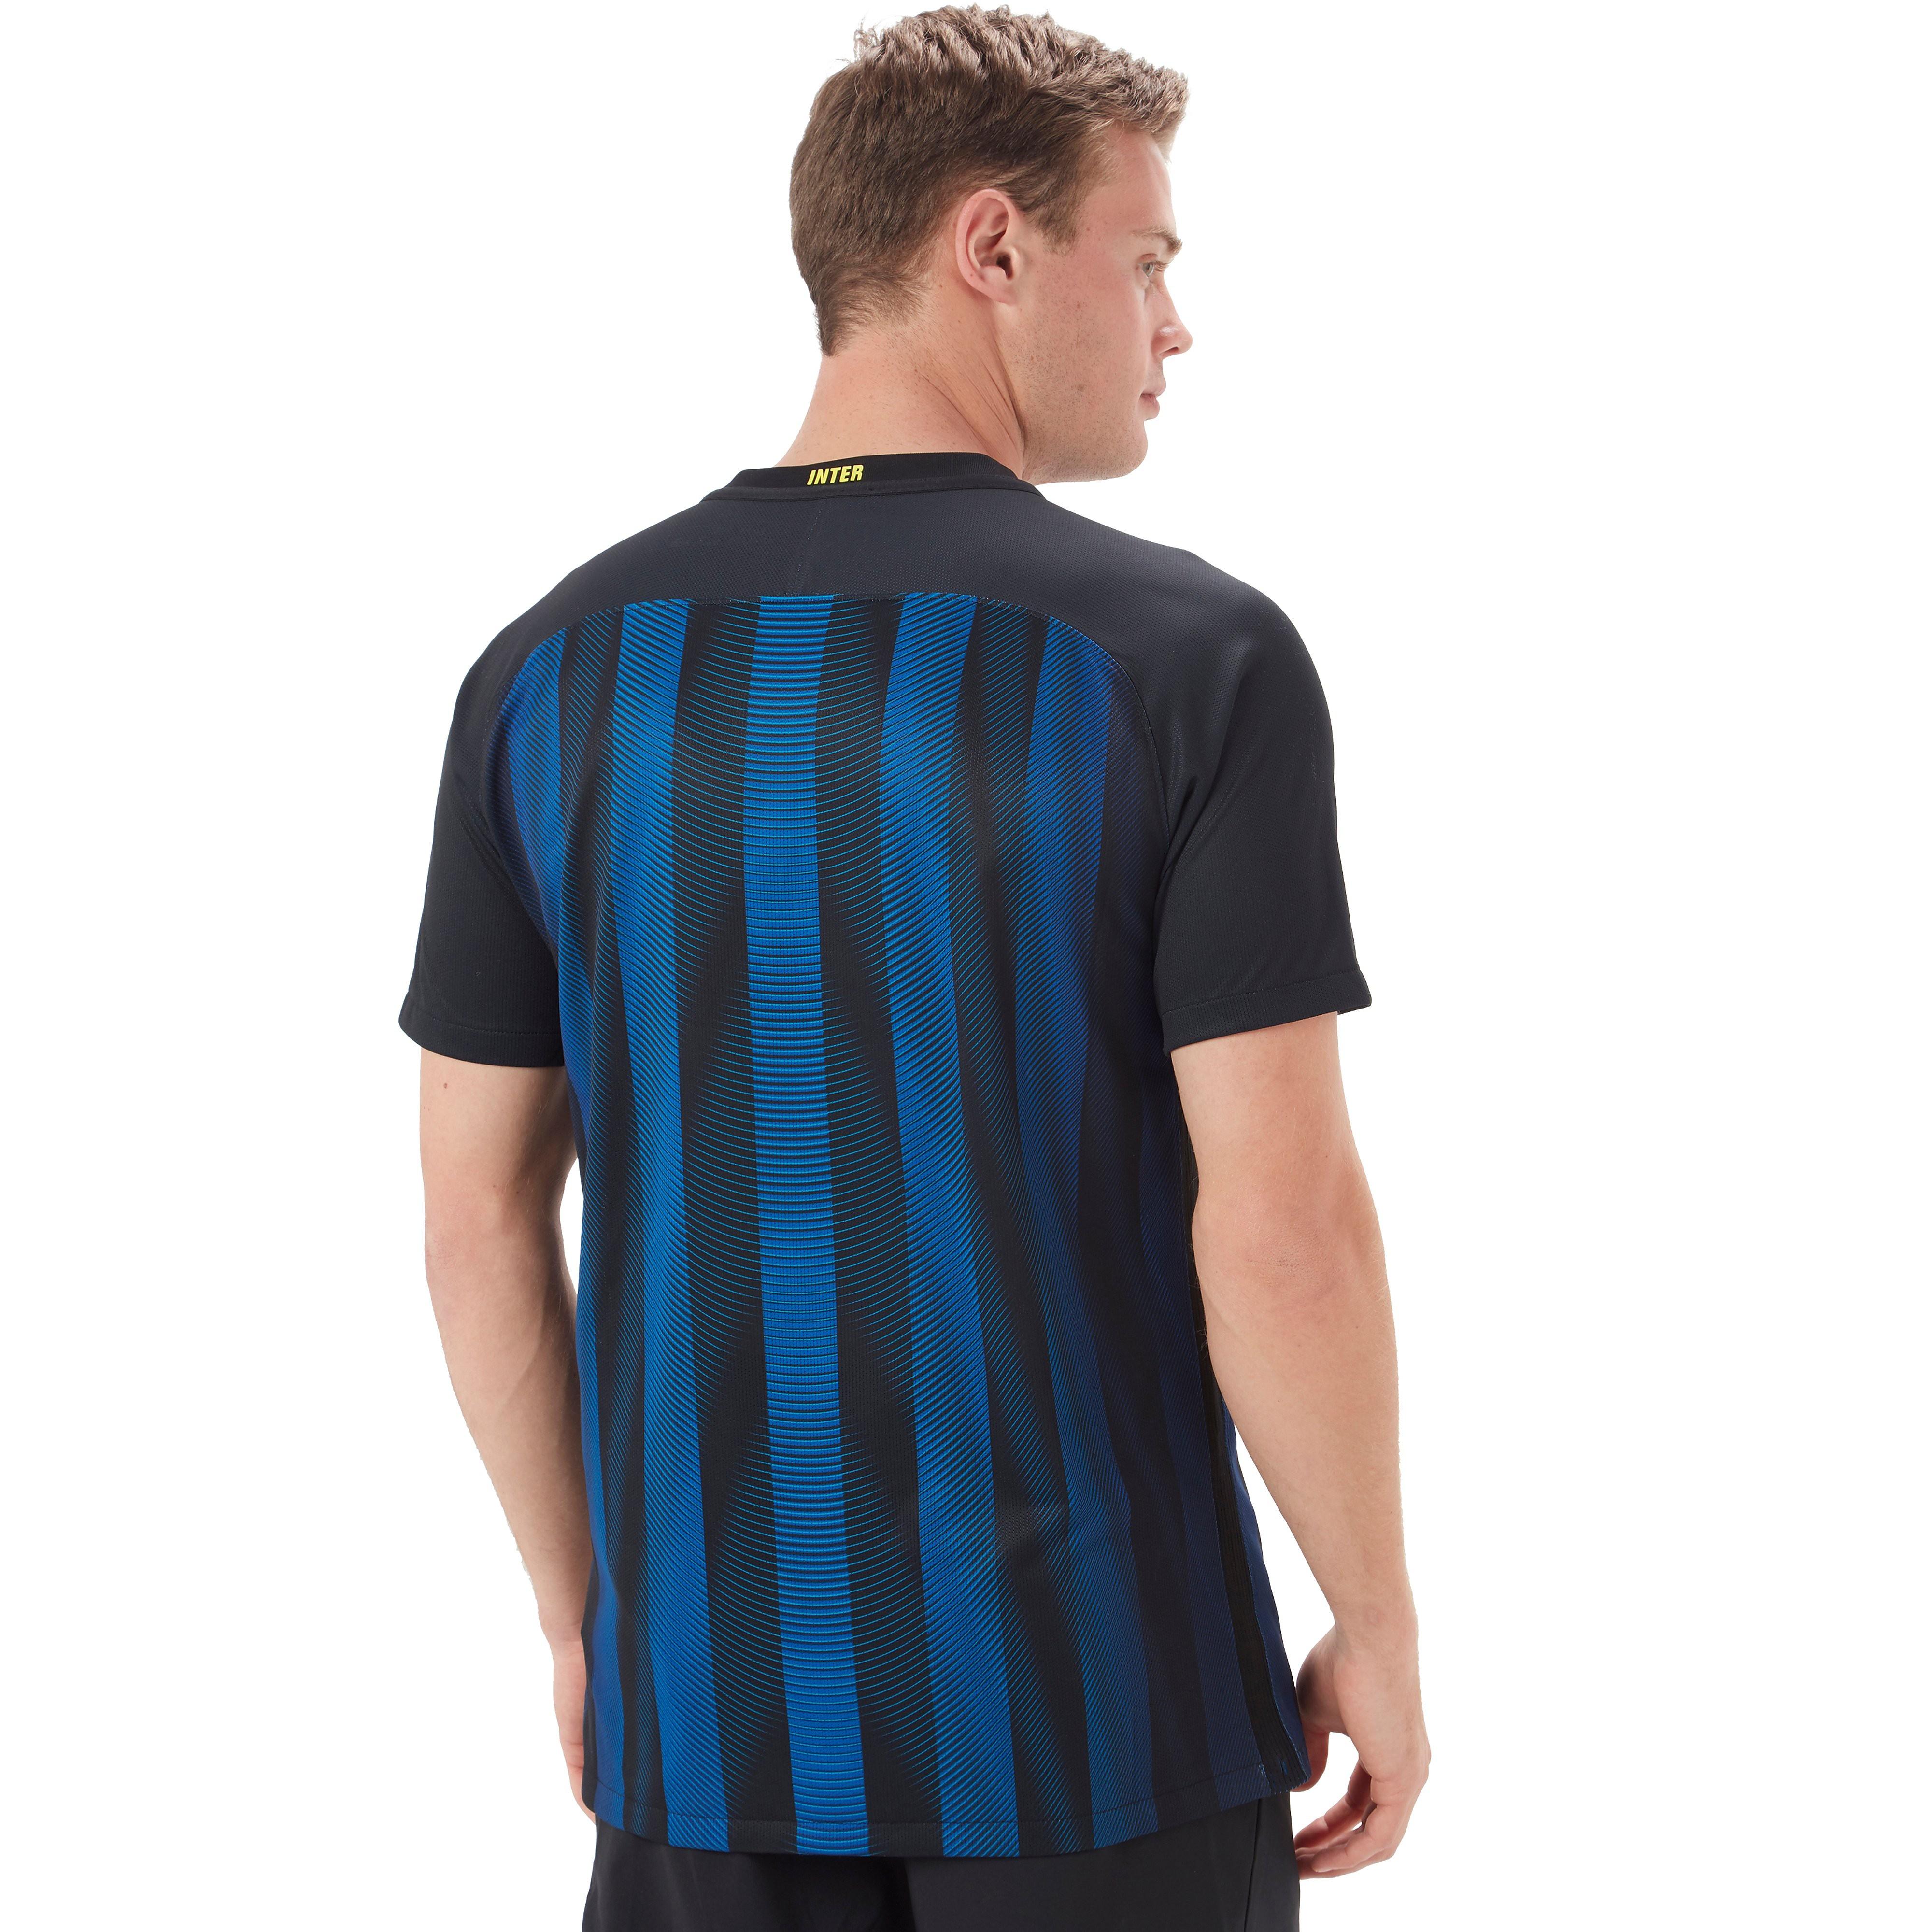 Nike Inter Milan 2017/18 Men's Home Shirt